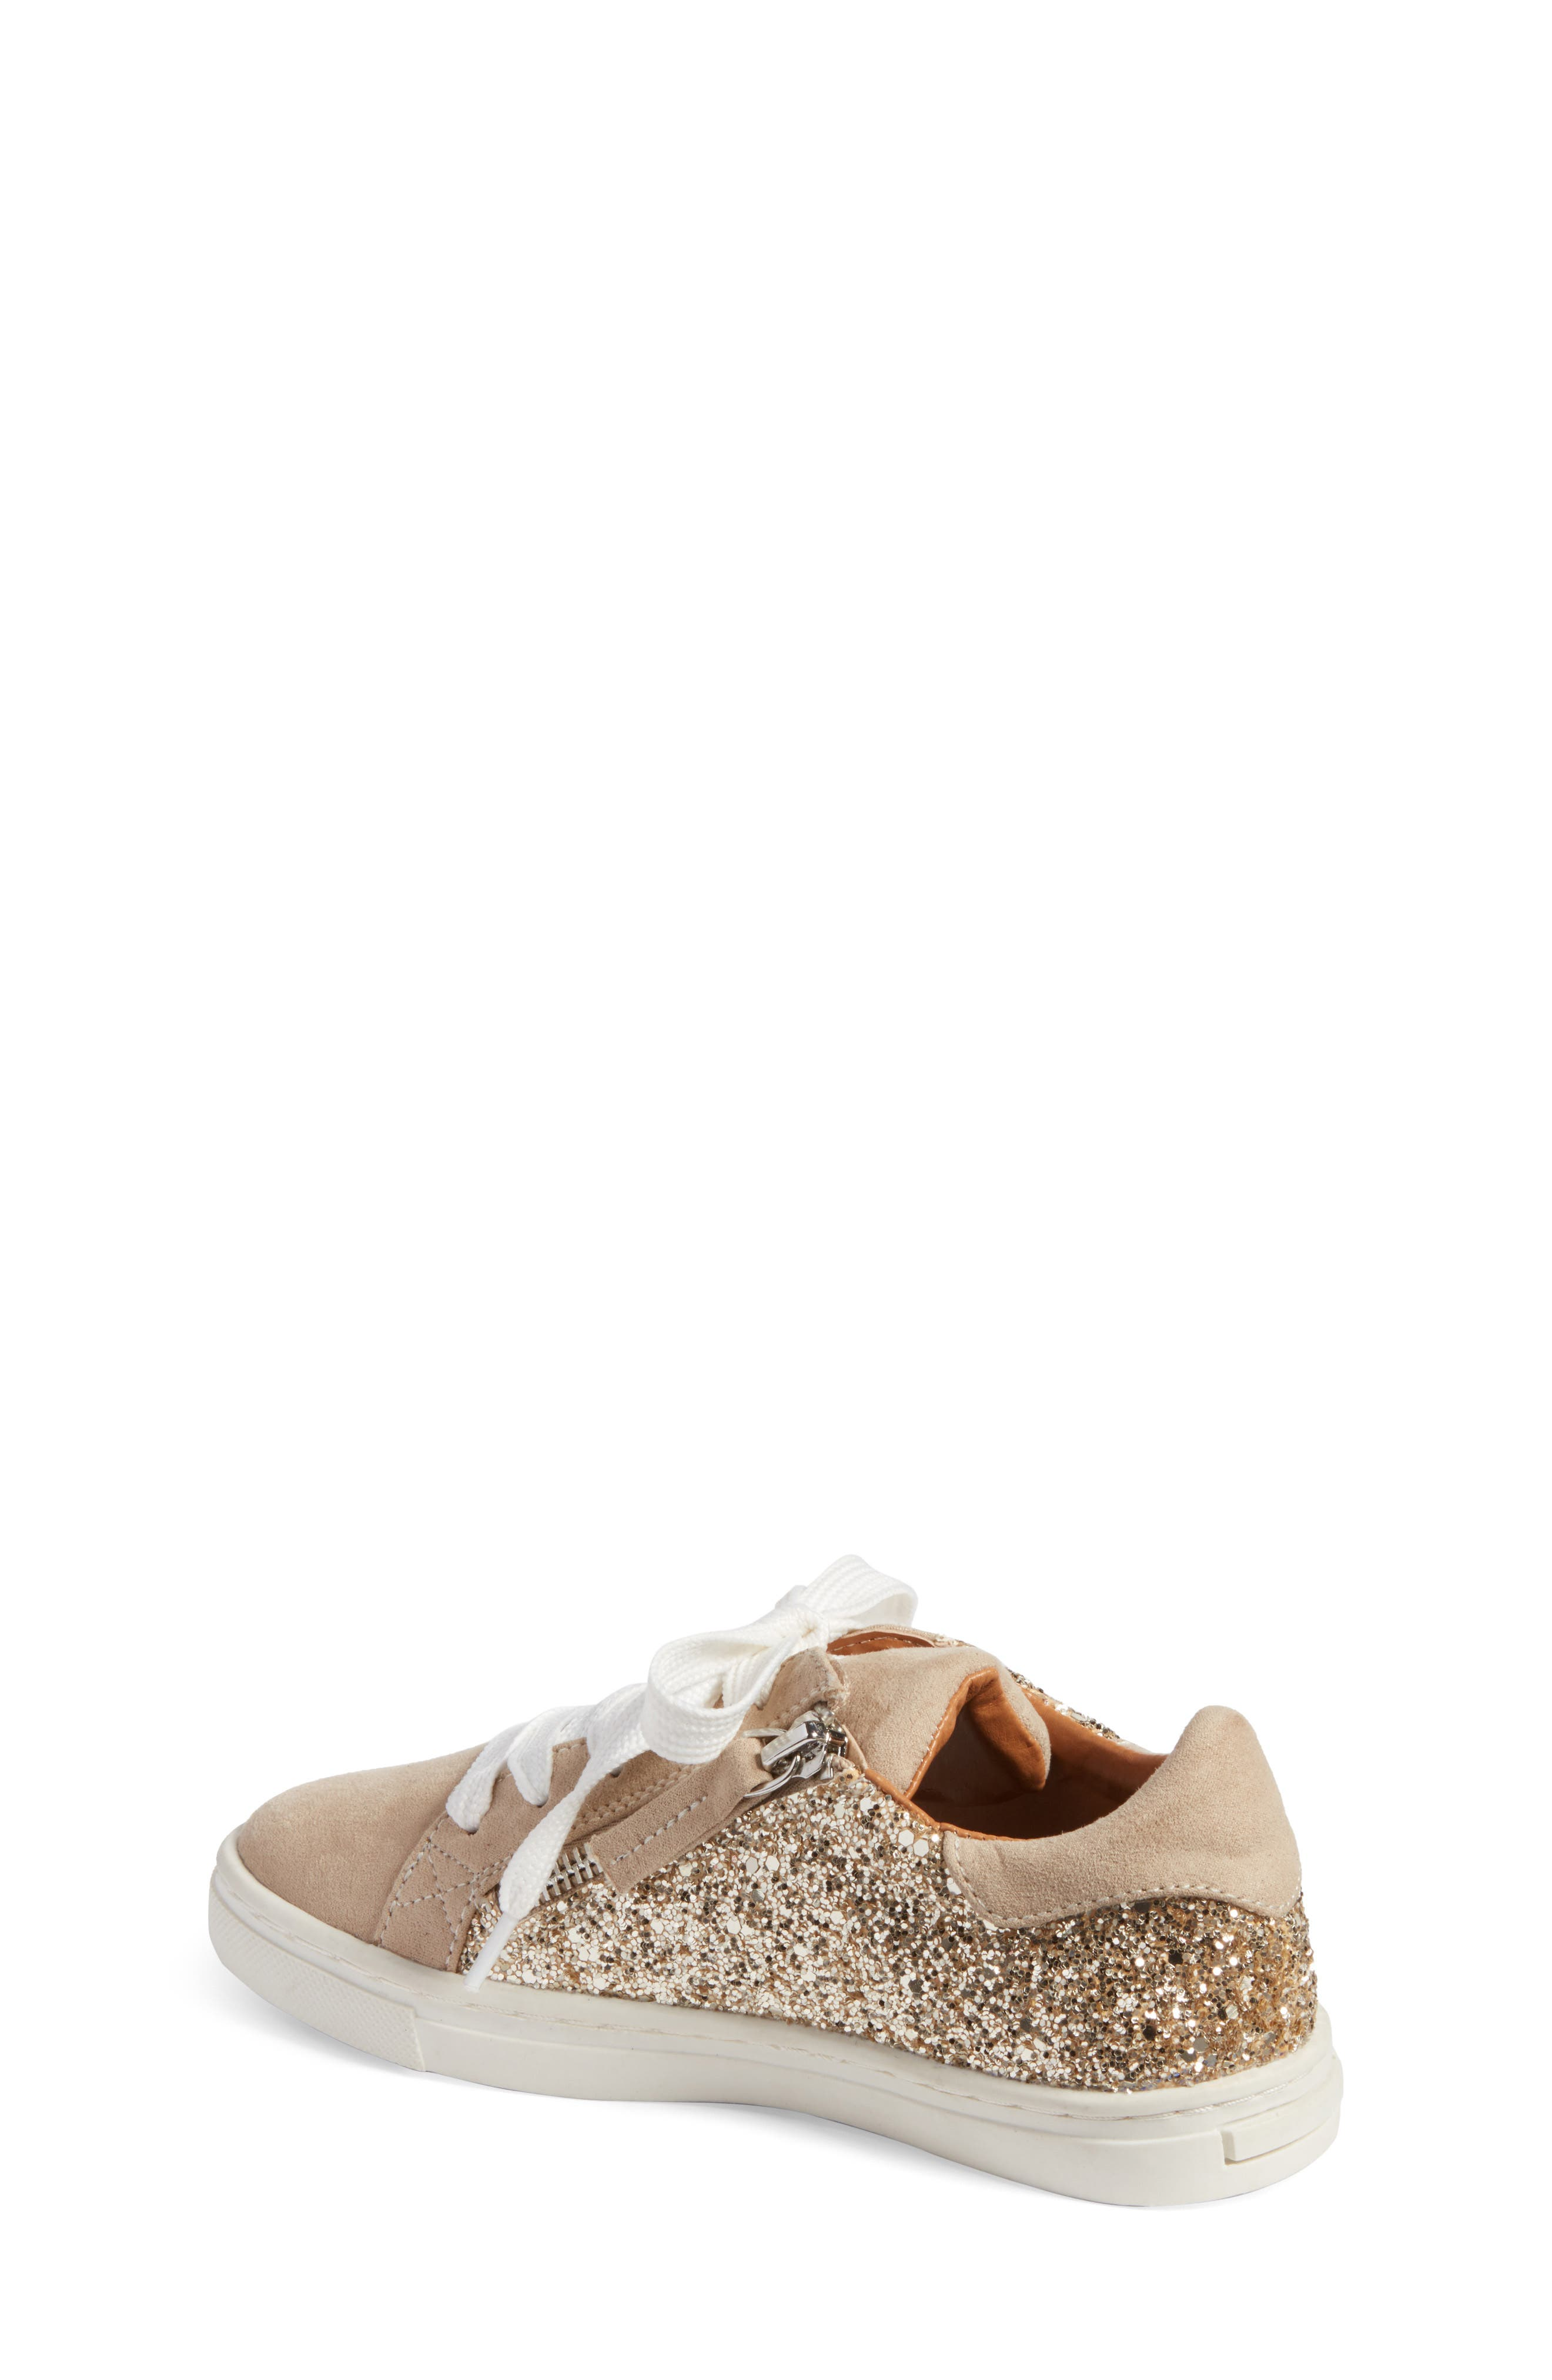 Zaida Low Top Sneaker,                             Alternate thumbnail 4, color,